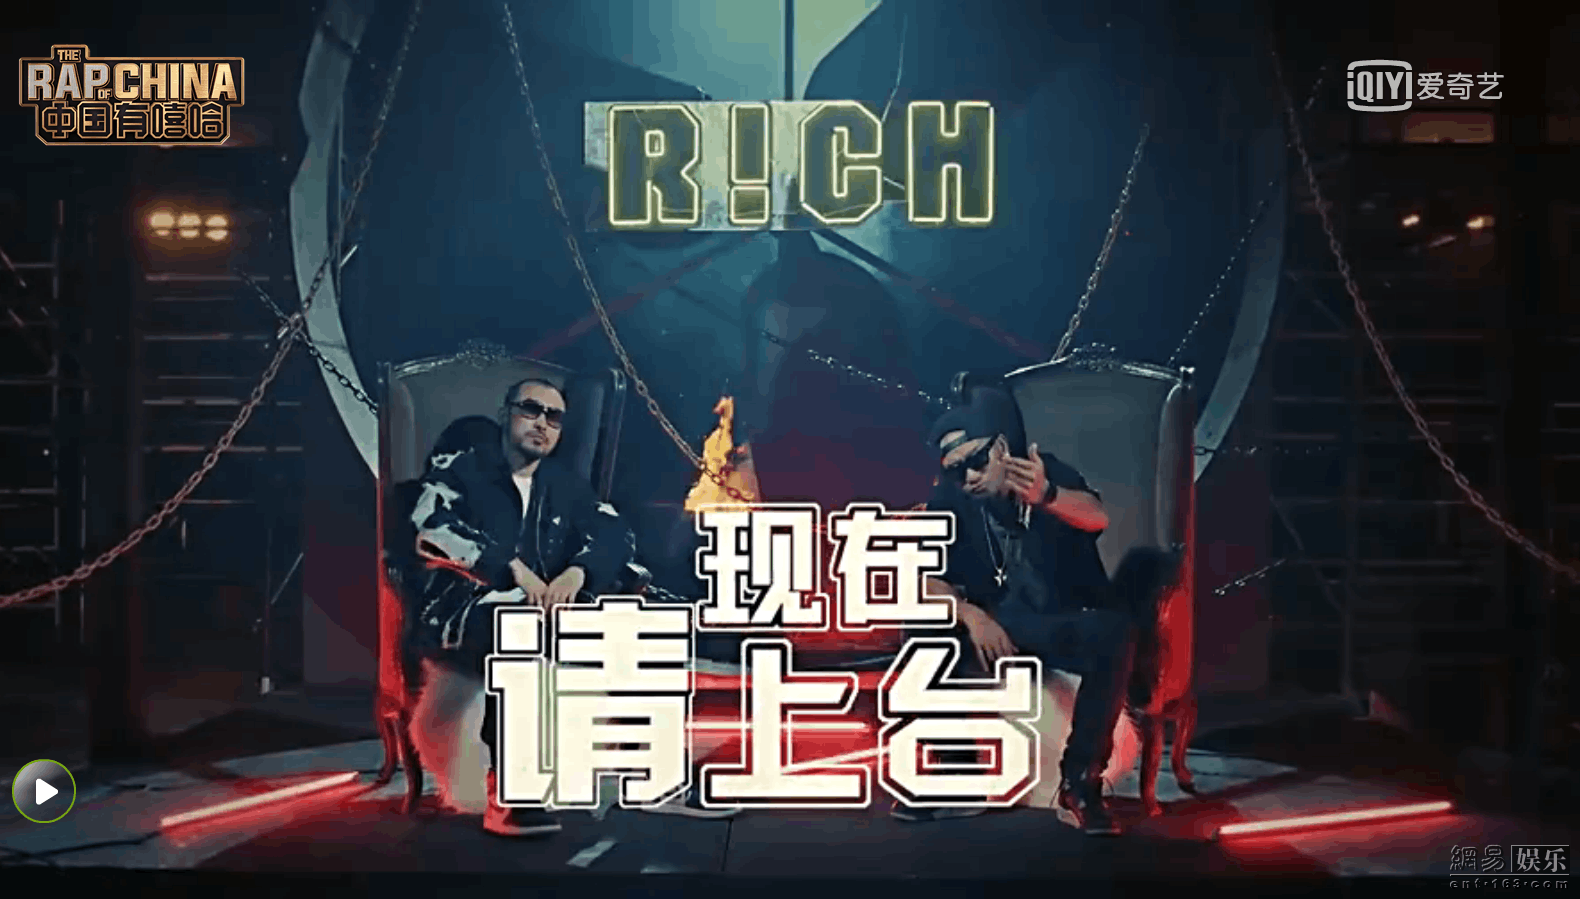 《有嘻哈》曝宣传片 张震岳热狗邀你一起玩嘻哈